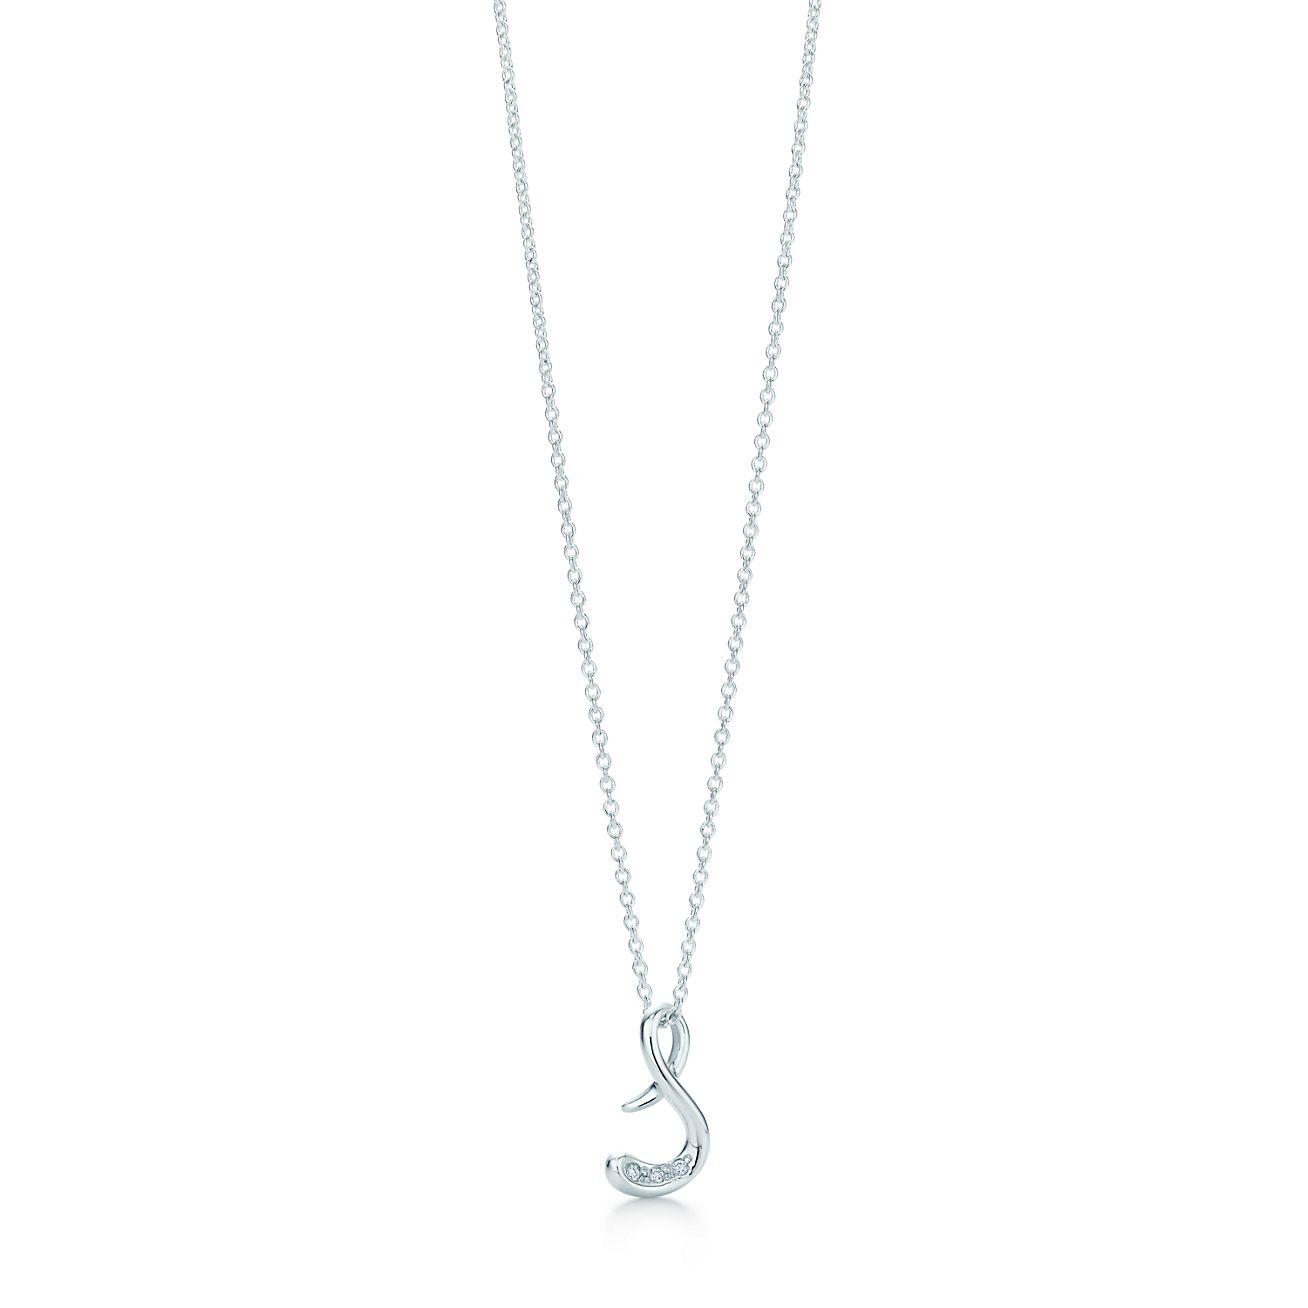 Elsa Pendentif Peretti Alphabet En Argent Avec Des Lettres De Diamants Az Disponible - Taille Y Tiffany & Co. yZCsp